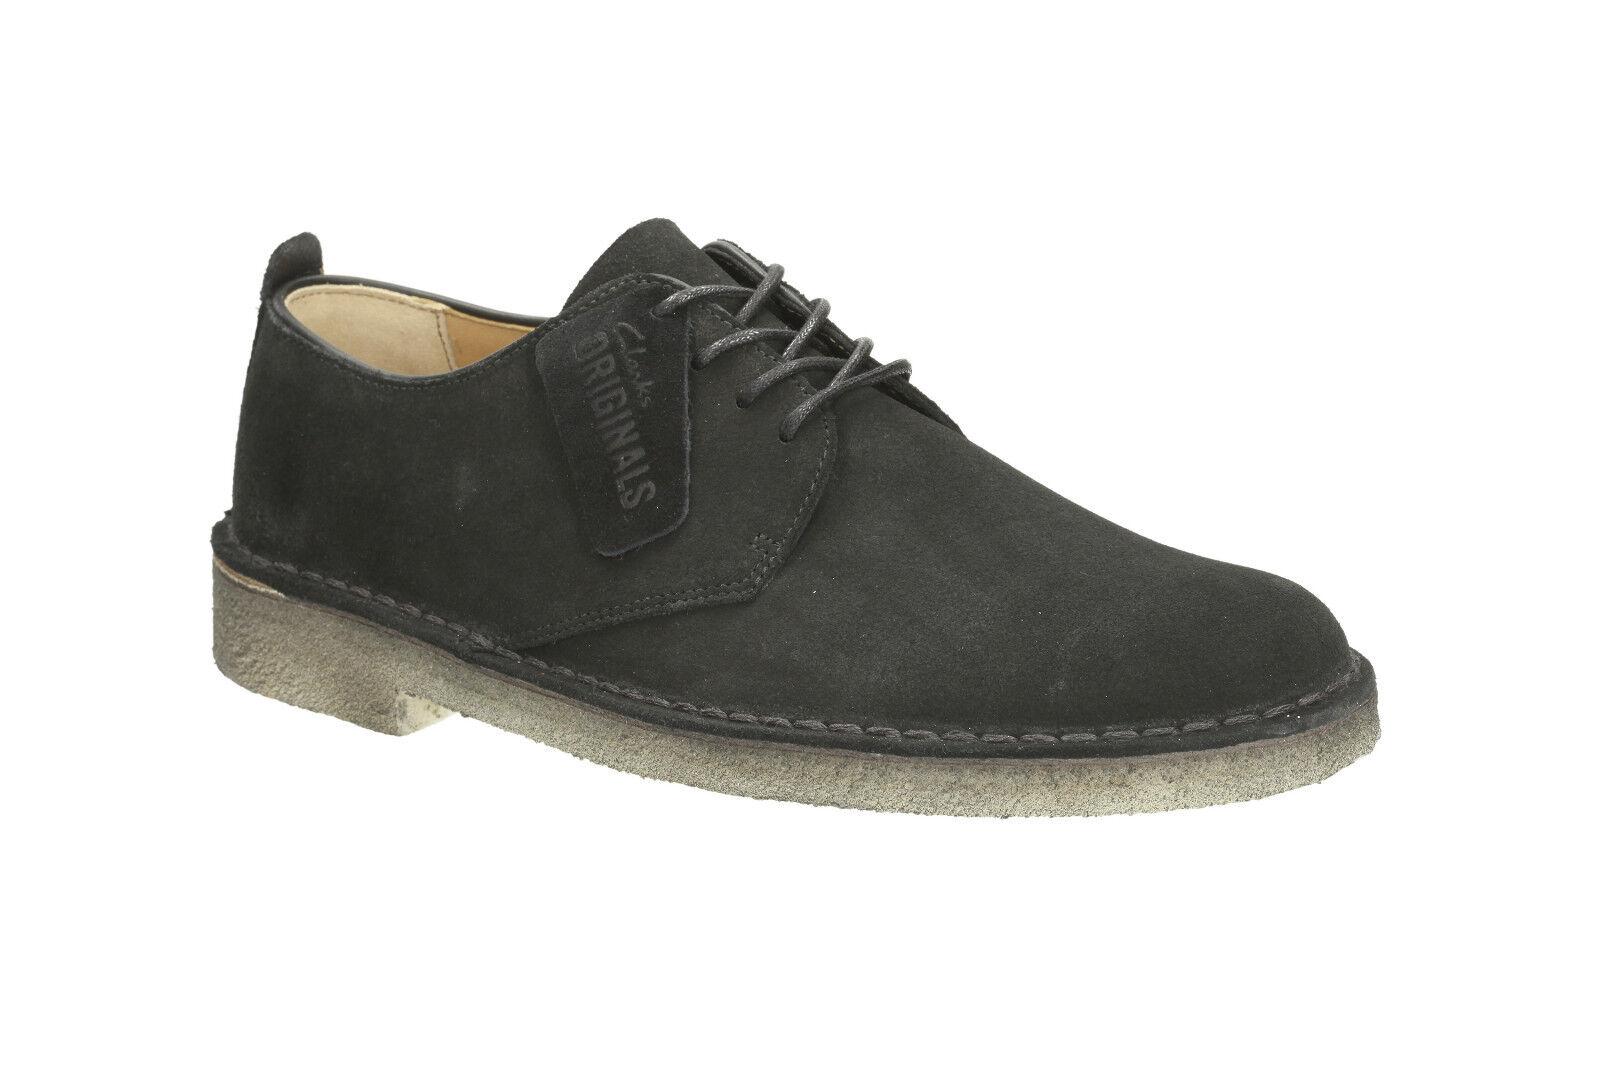 Clarks Originals da Uomo Deserto London Camoscio Camoscio Camoscio Nero Scarpe con Lacci   Colore molto buono  18b5a4